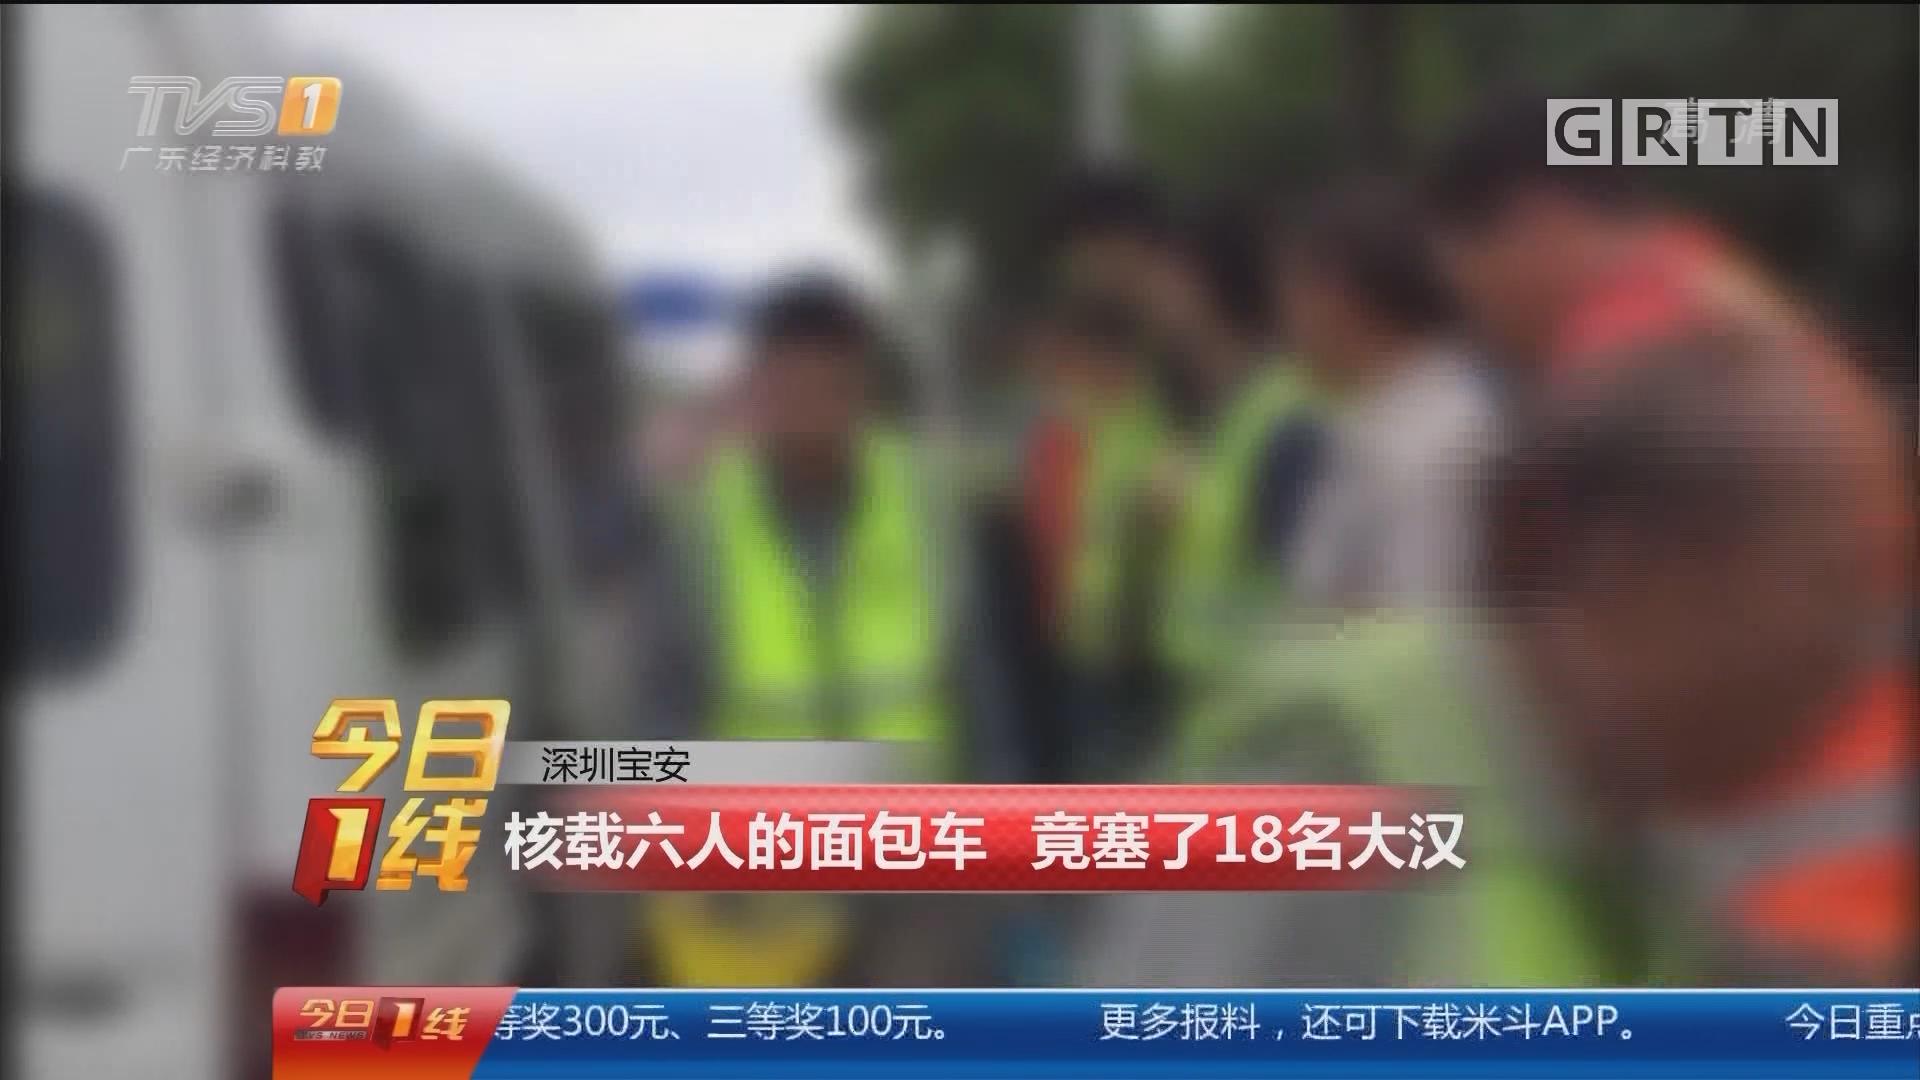 深圳宝安:核载六人的面包车 竟塞了18名大汉